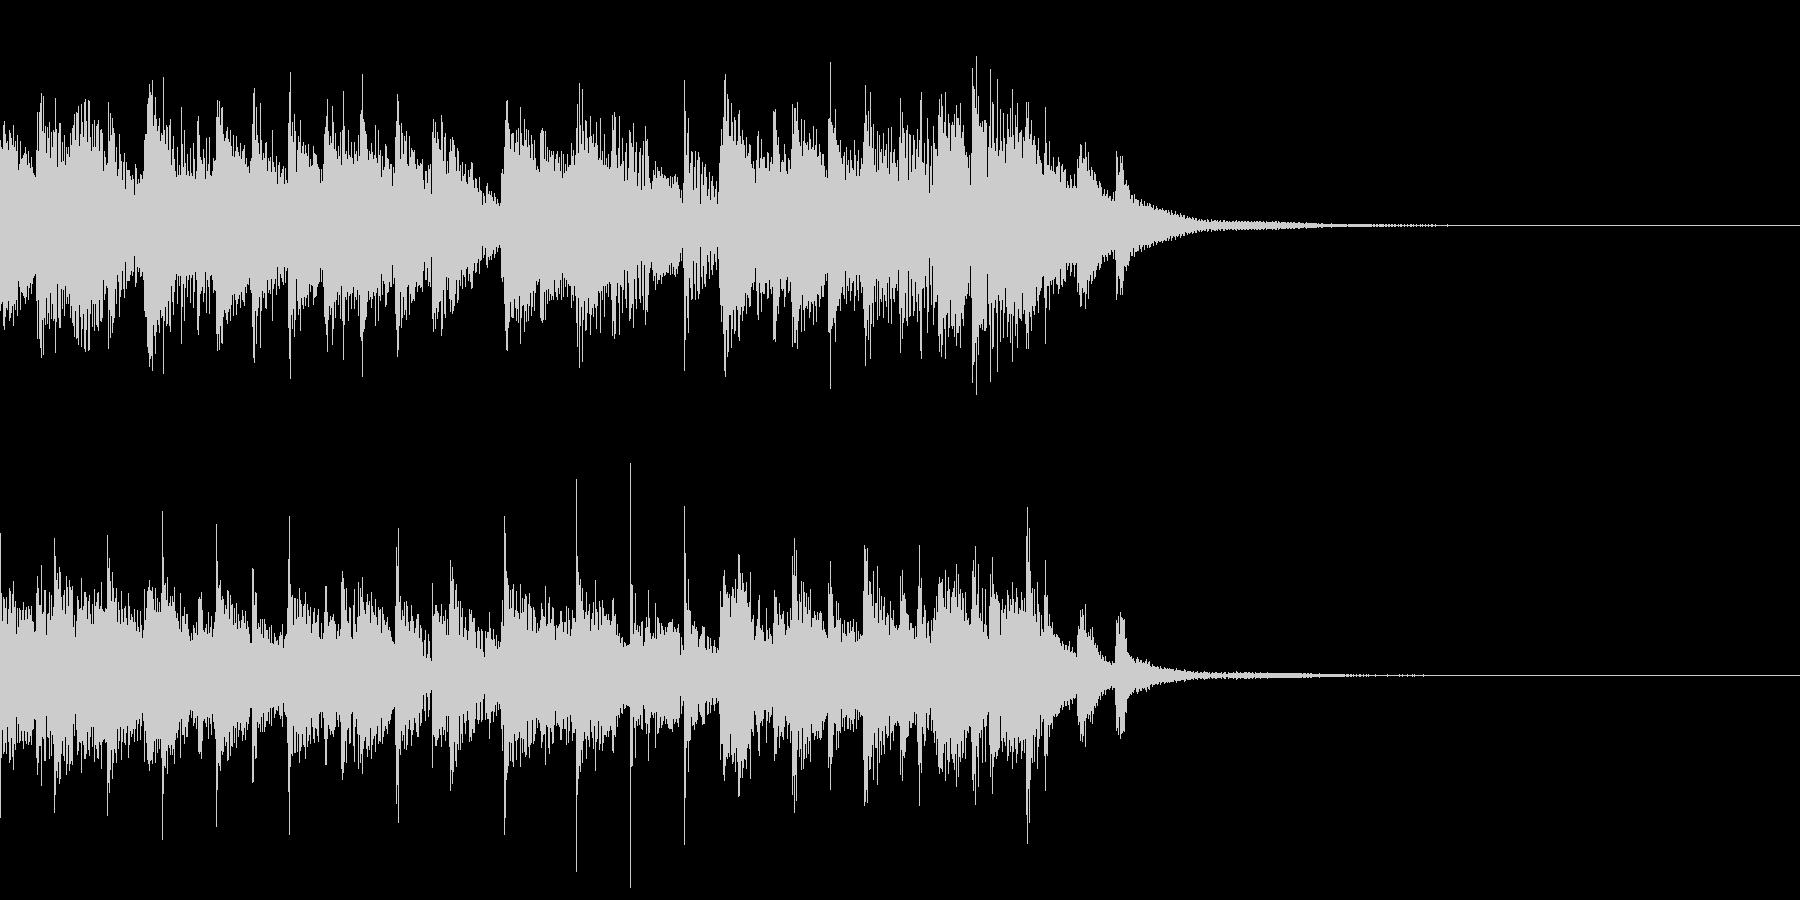 箏(琴)とエレクトロの和風なジングルの未再生の波形